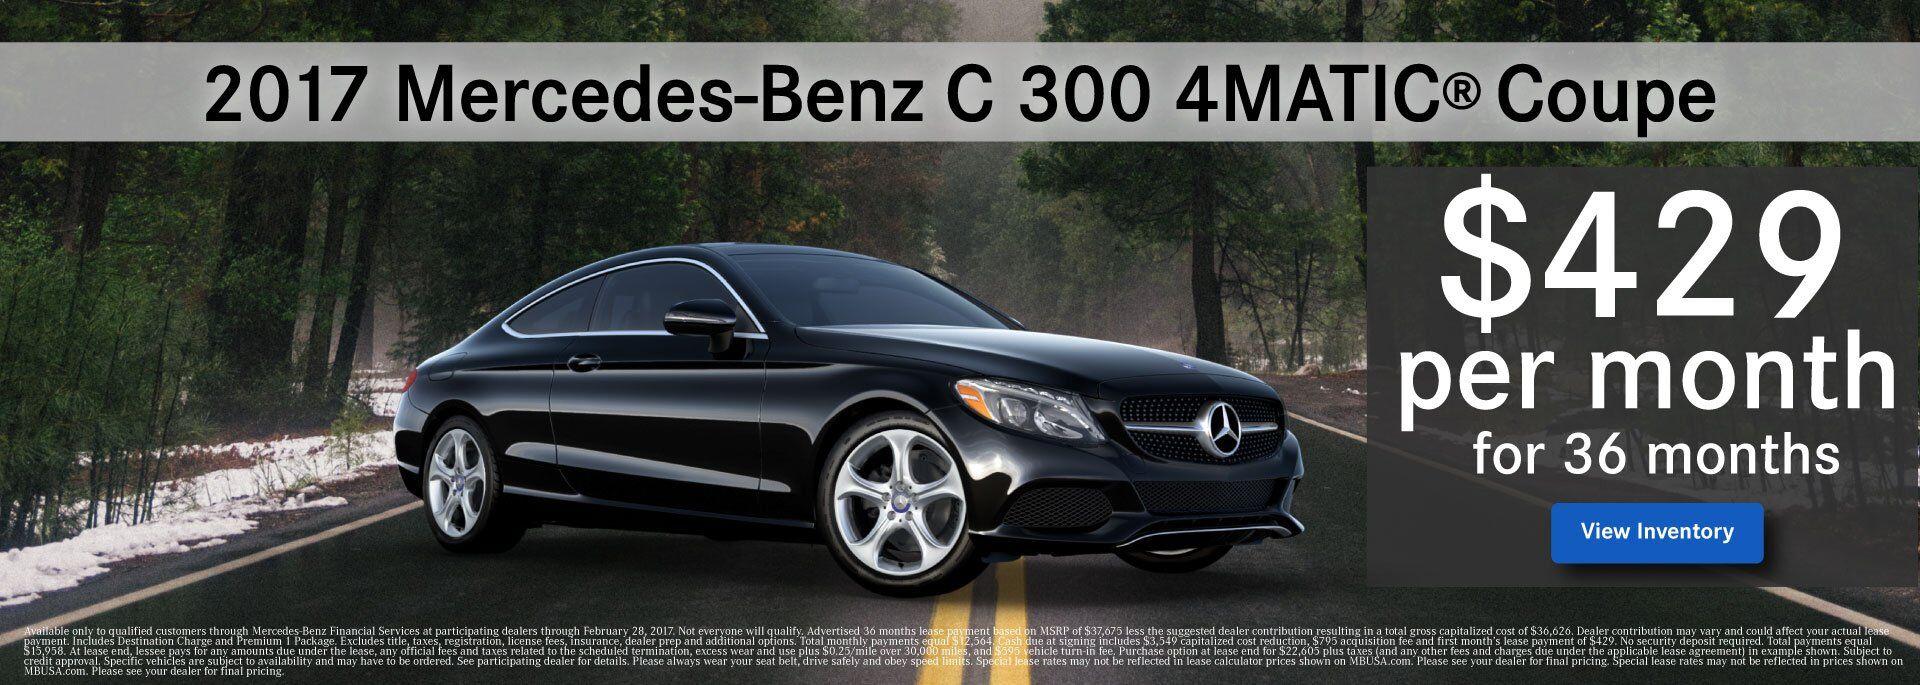 Mercedes benz dealership washington pa used cars john for Mercedes benz dealer in pa